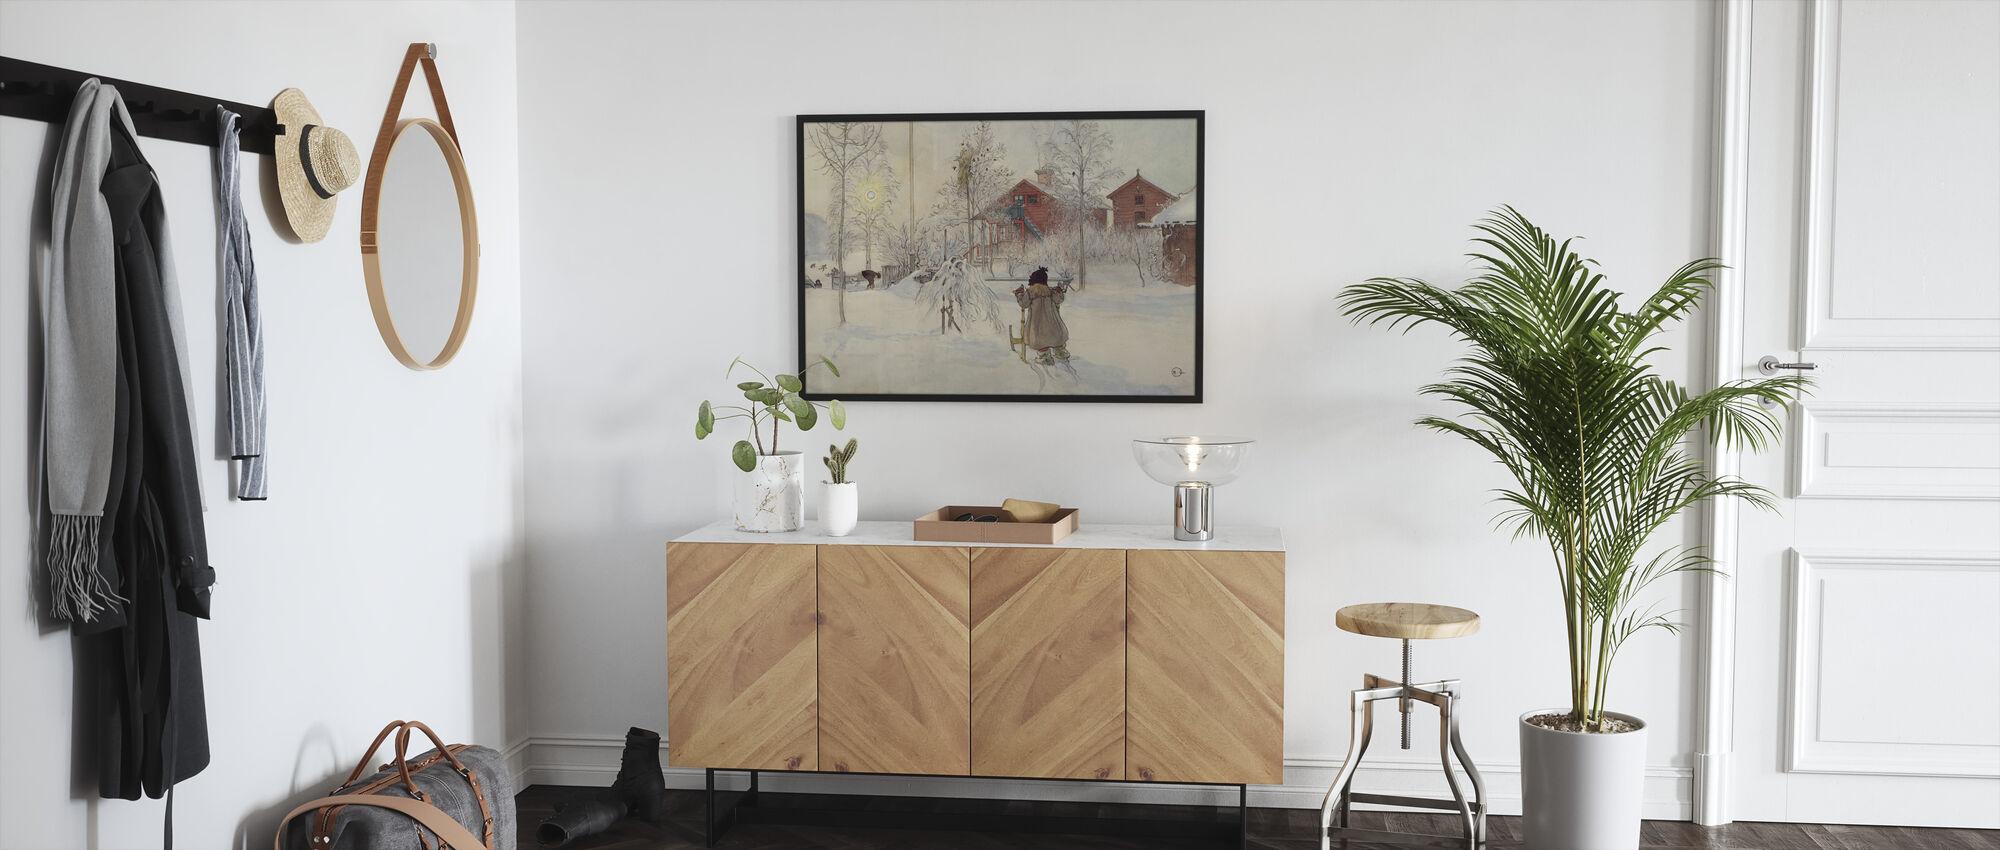 Carl Larsson - Garden ja Bruggen House - Kehystetty kuva - Aula